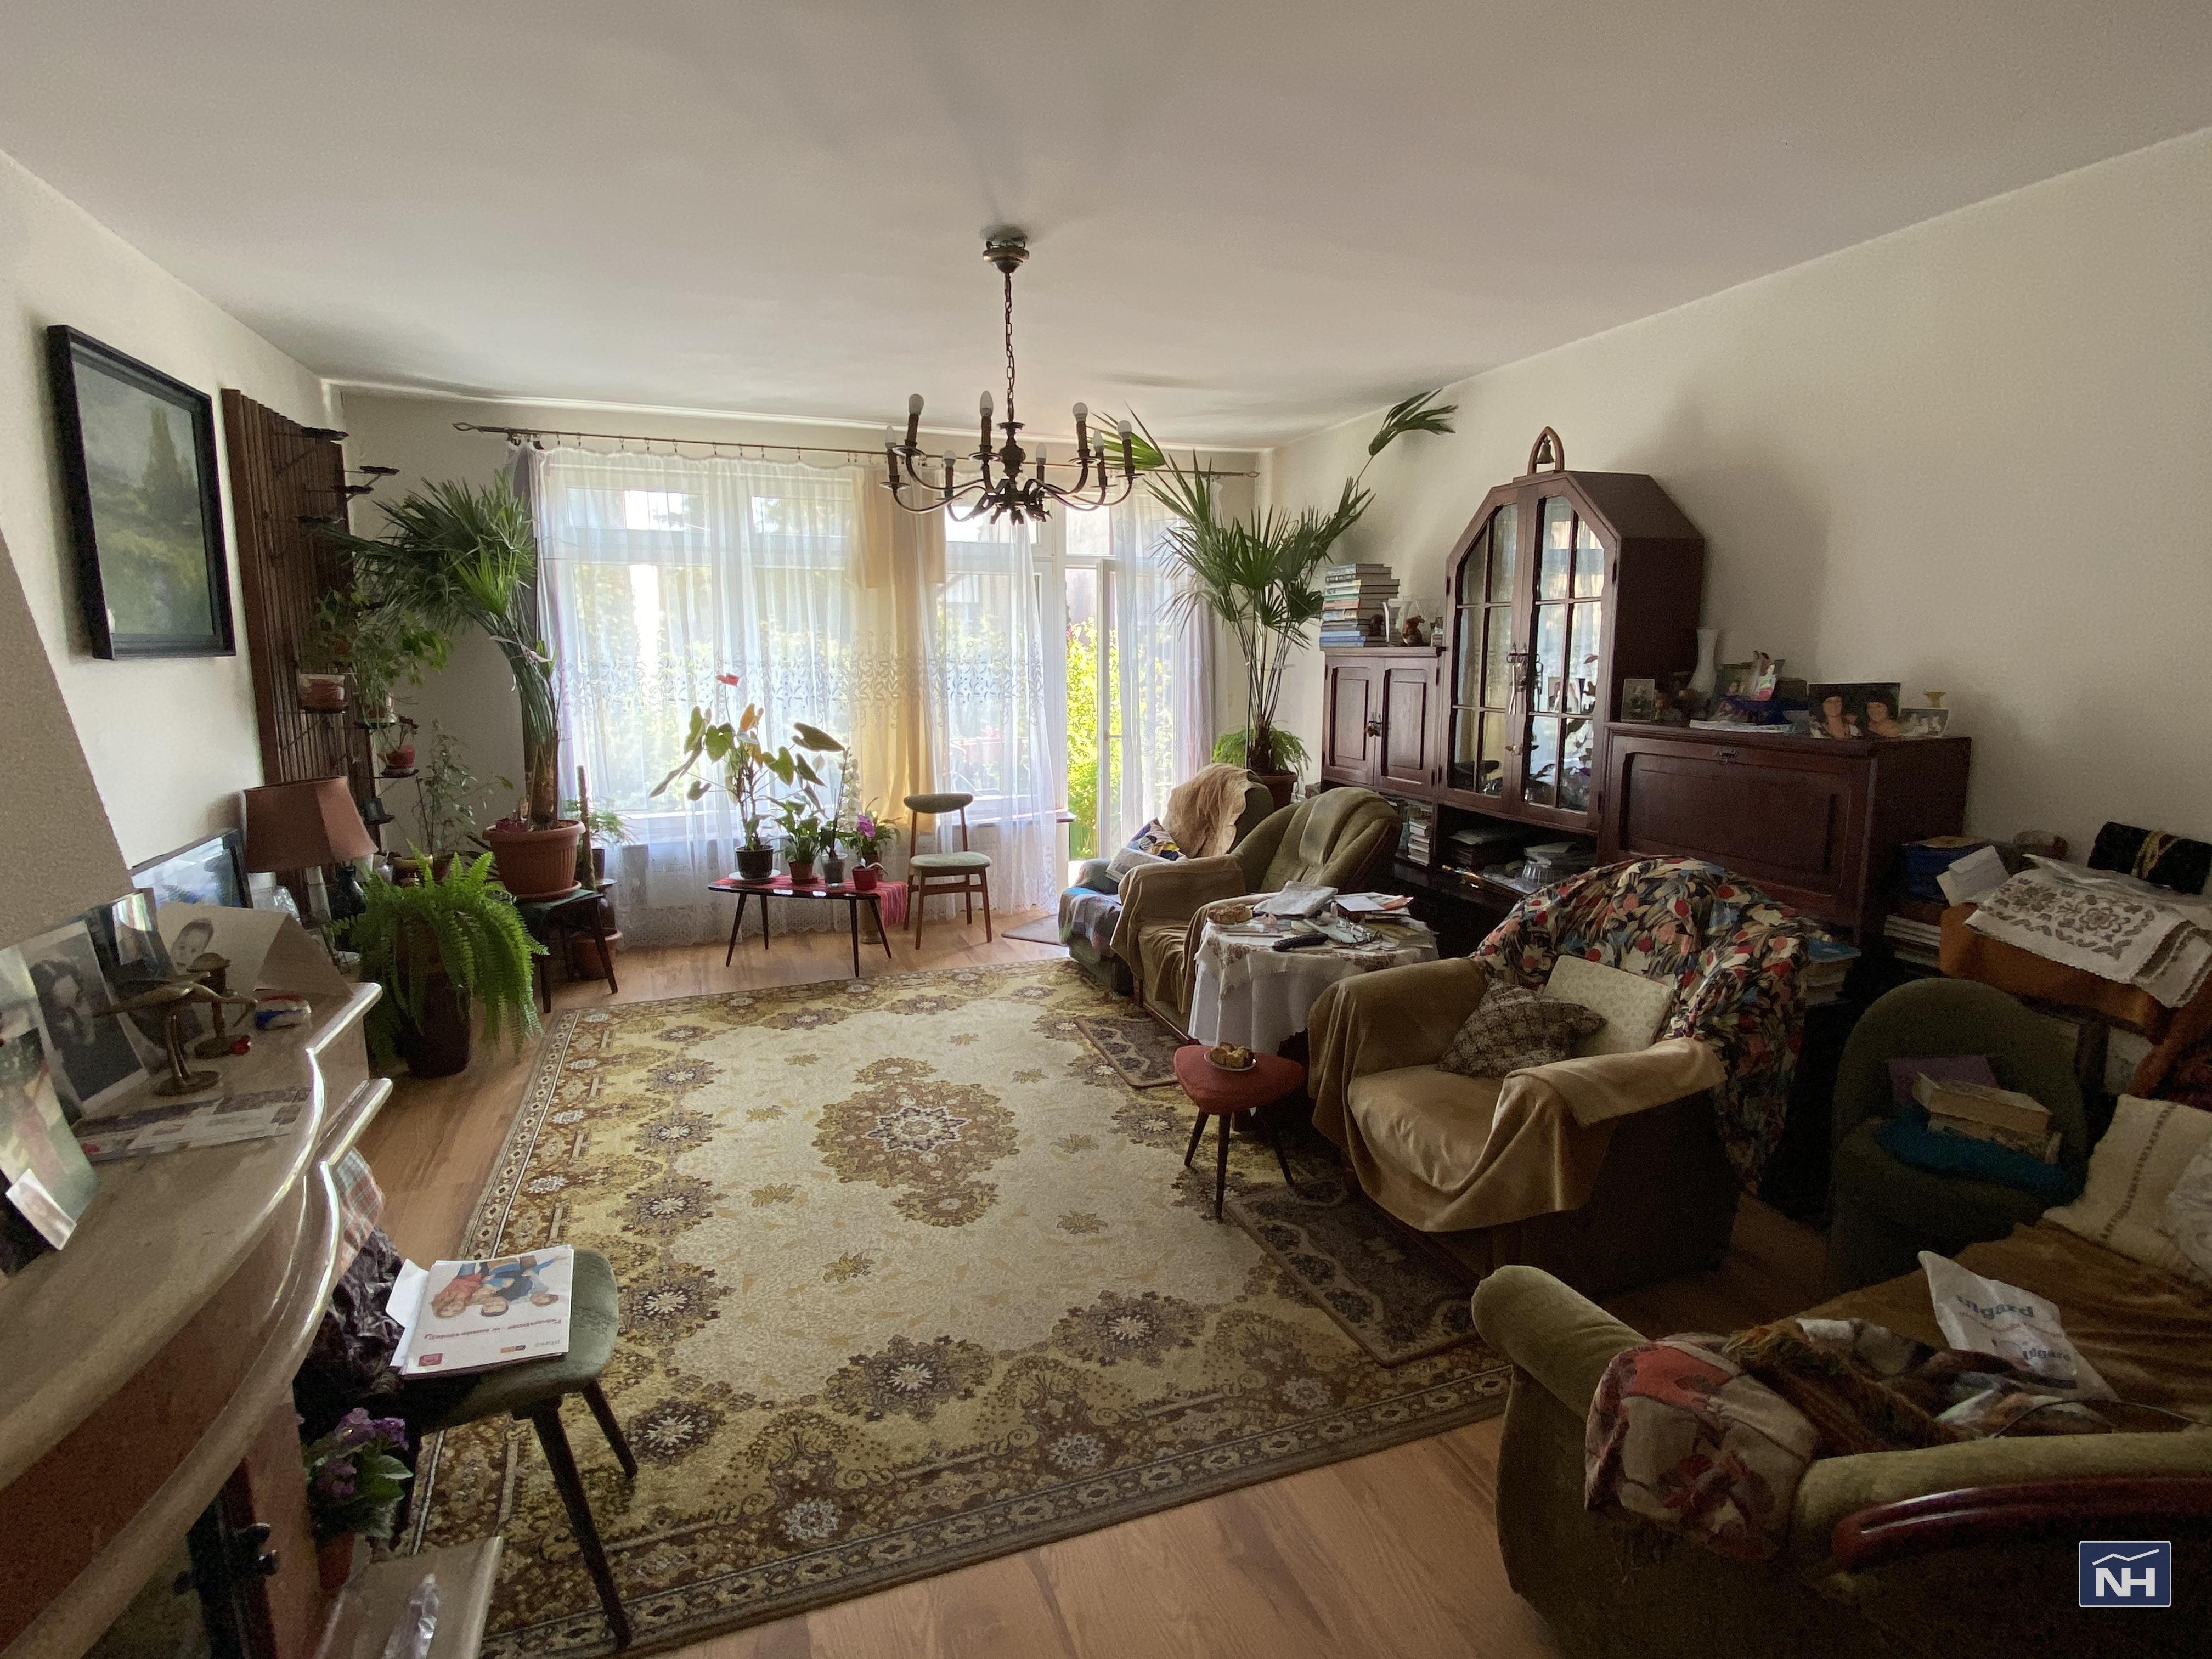 Miedzyń - Dom na sprzedaż 150 m²